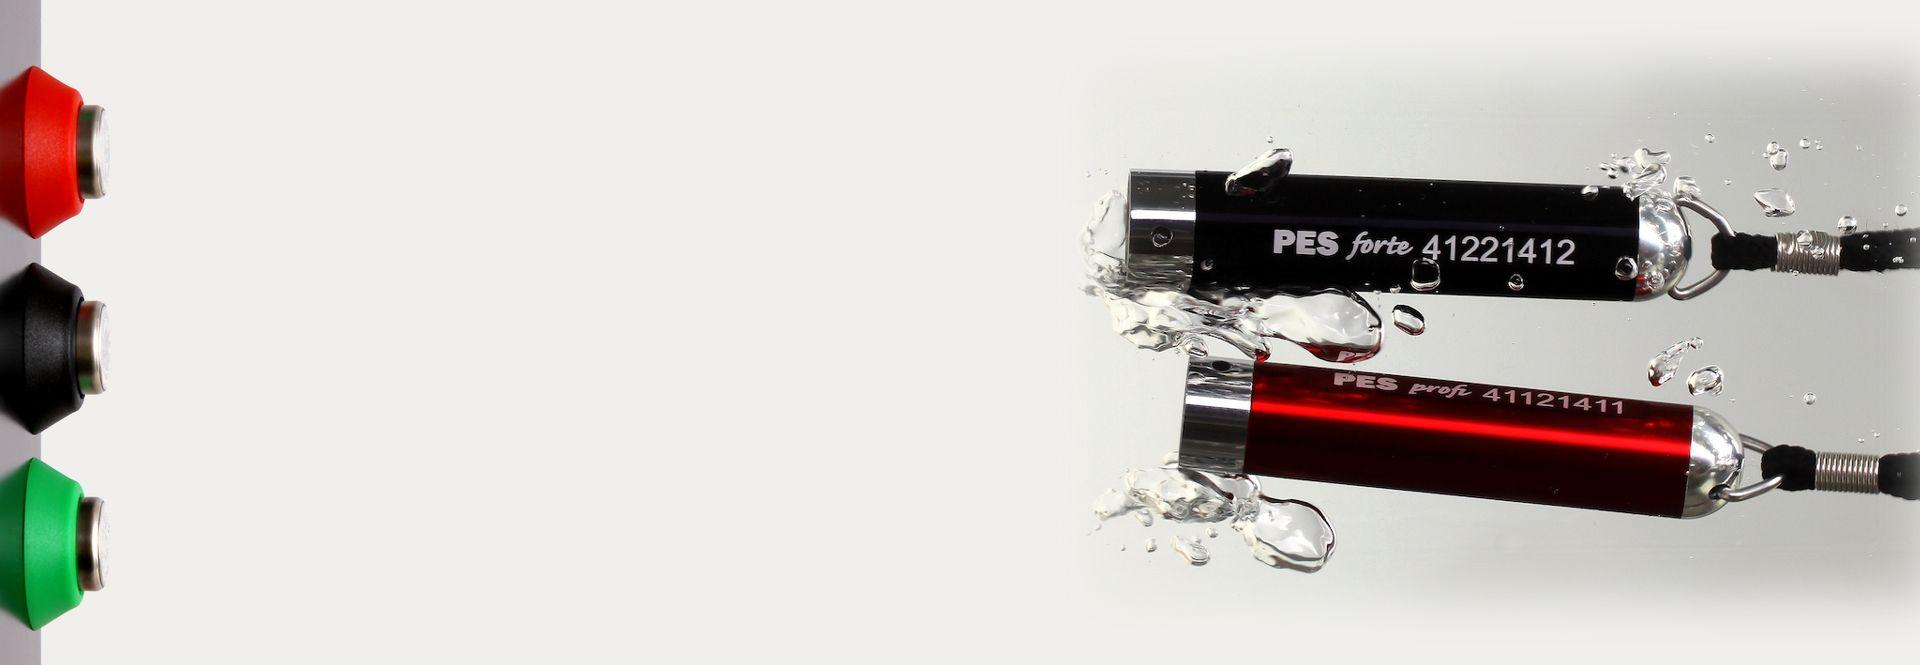 imagen para slider de 2 ronderos de la marca tomst, y punto de control para los sistemas de control de ronda de la marca TOMST